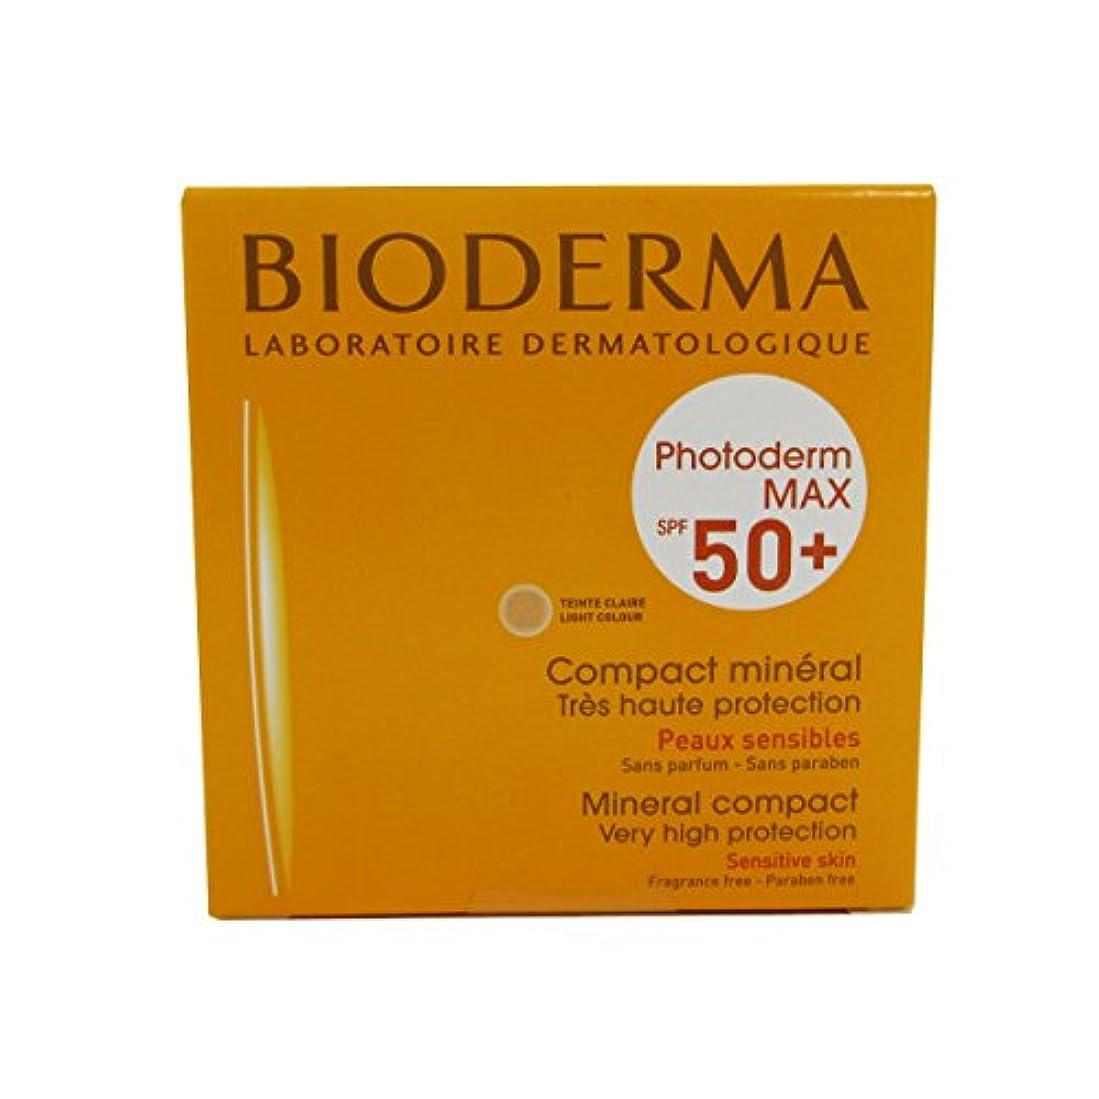 順応性のあるかろうじて開業医Bioderma Photoderm Max Compact Mineral 50+ Light 10g [並行輸入品]